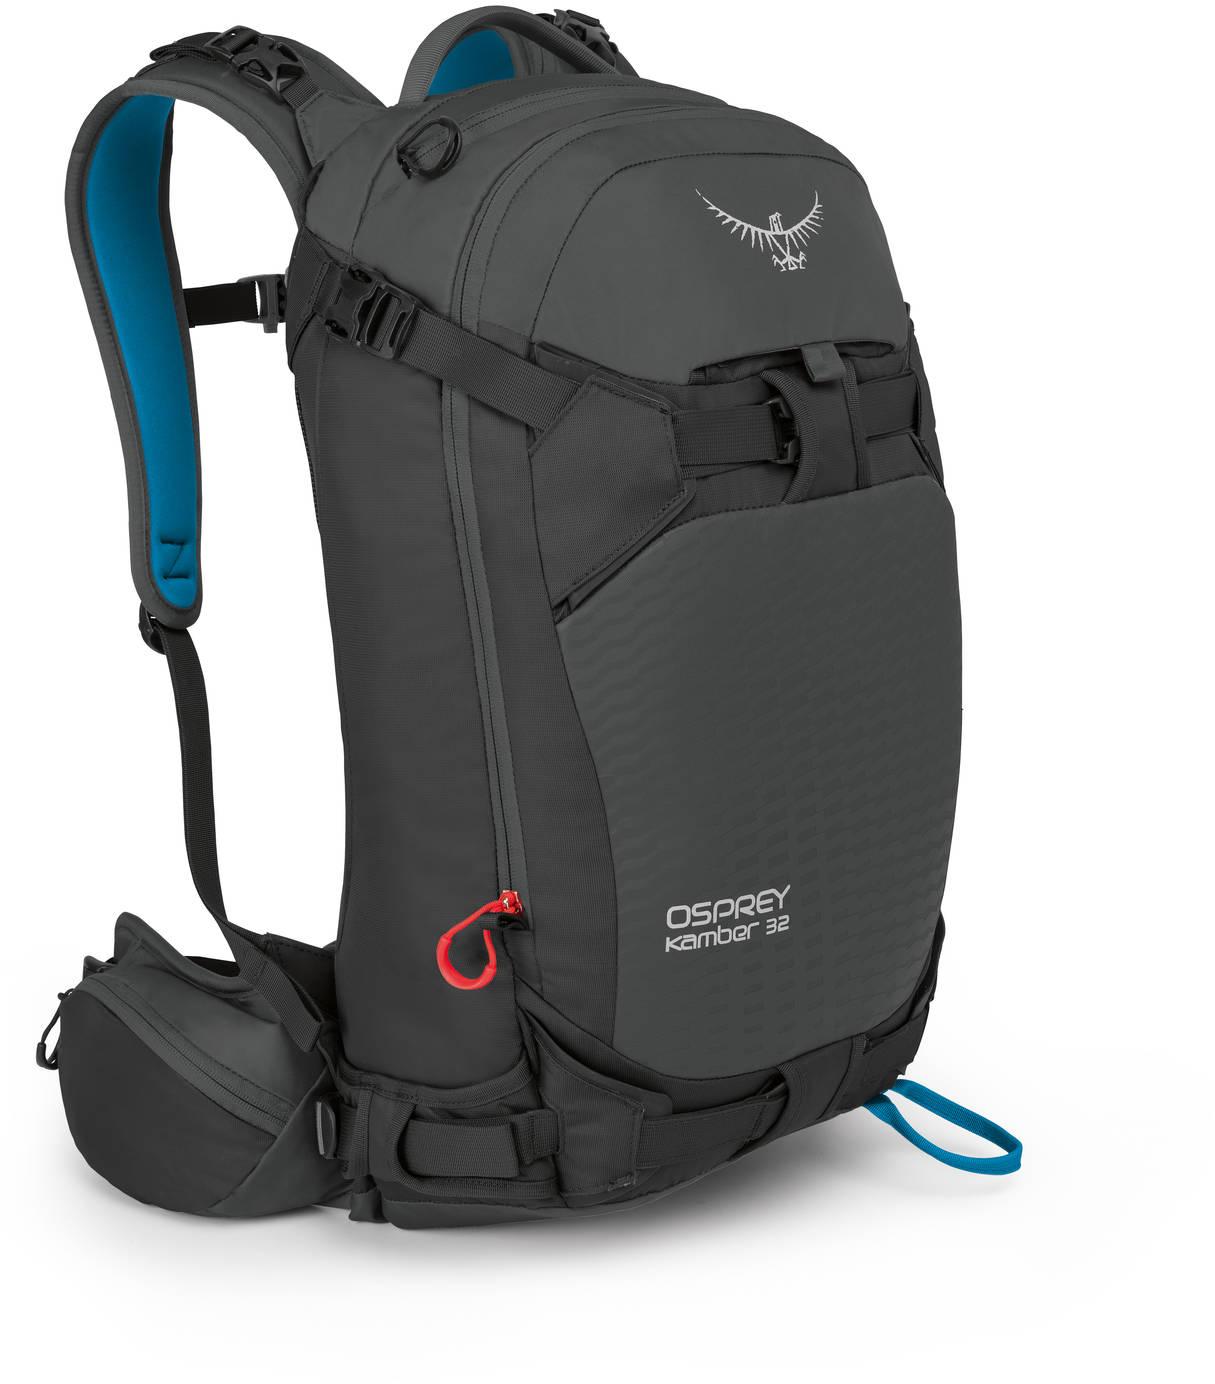 Рюкзаки для сноуборда Рюкзак сноубордический Osprey Kamber 32 Galactic Black Kamber_32_Side_Galactic_Black_web.jpg